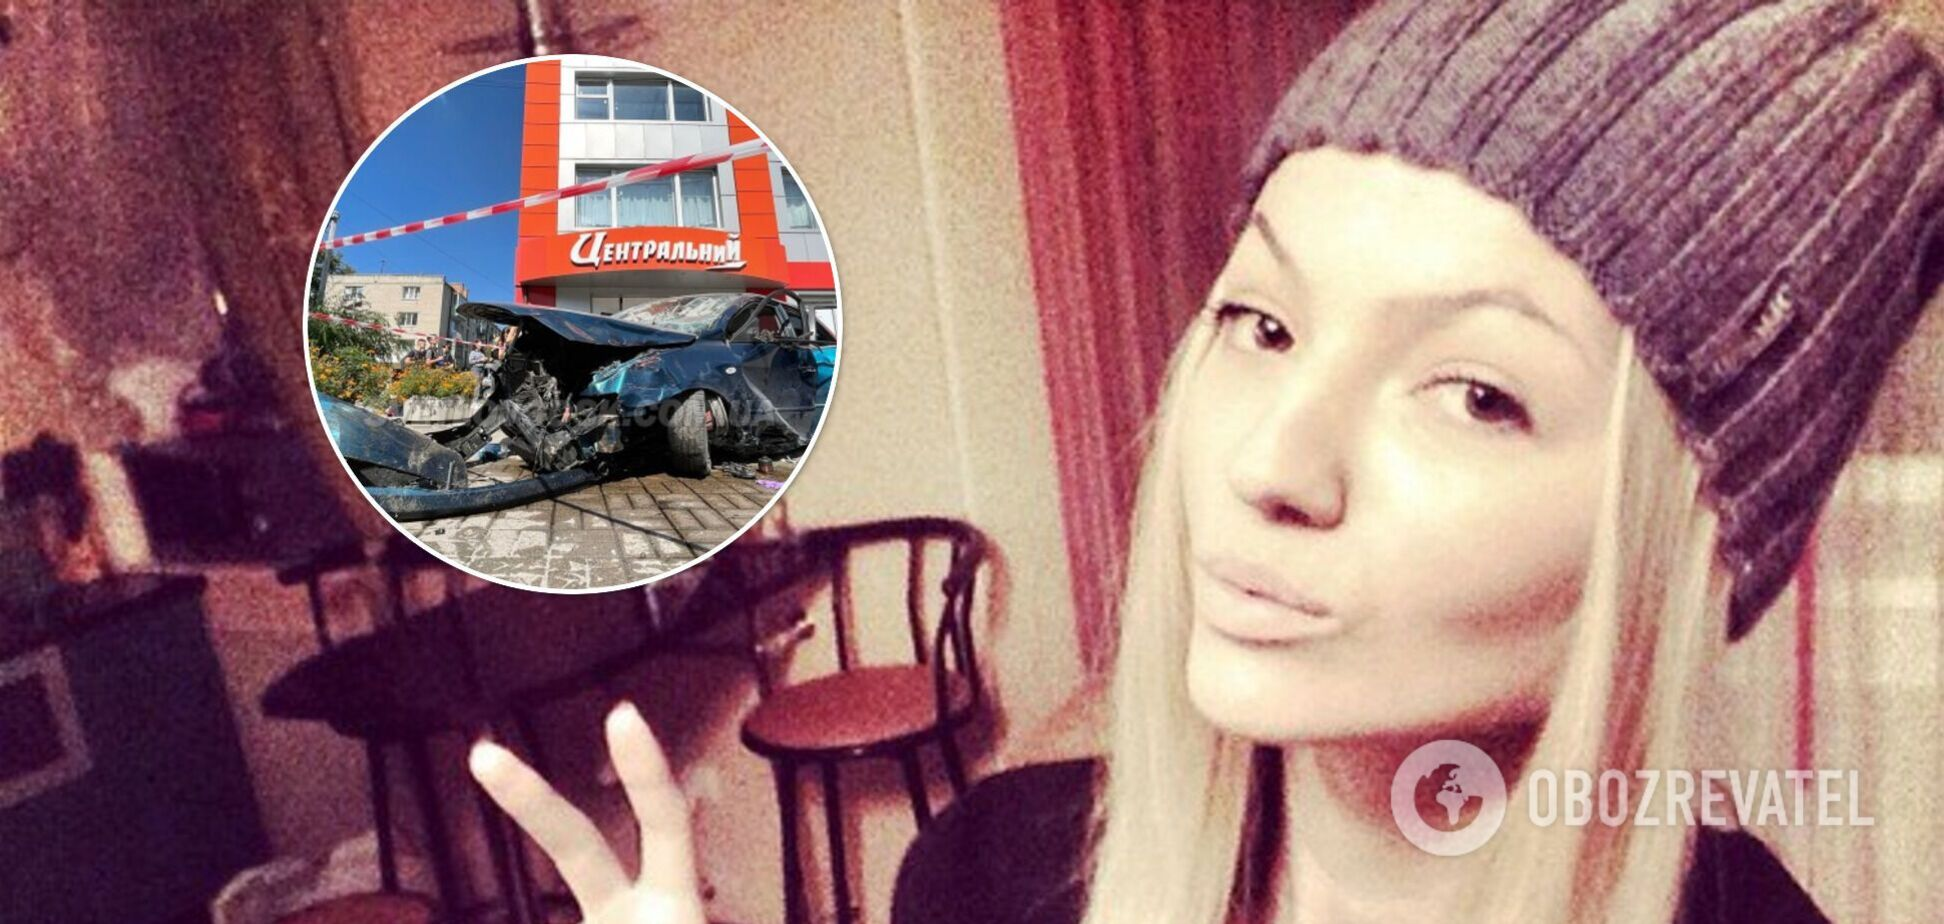 Смертельна ДТП з мамою трьох дітей на Кіровоградщині: підозрювану випустили з СІЗО